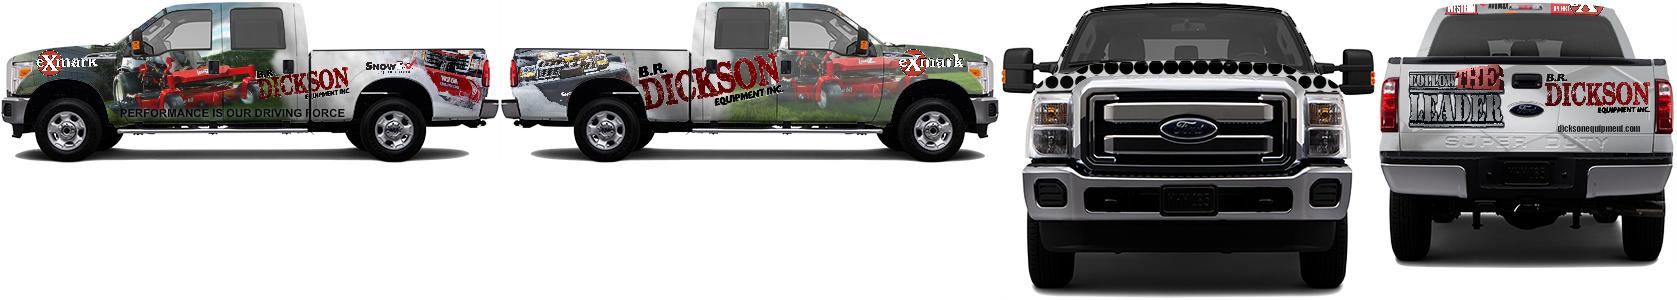 Truck Wrap #43814